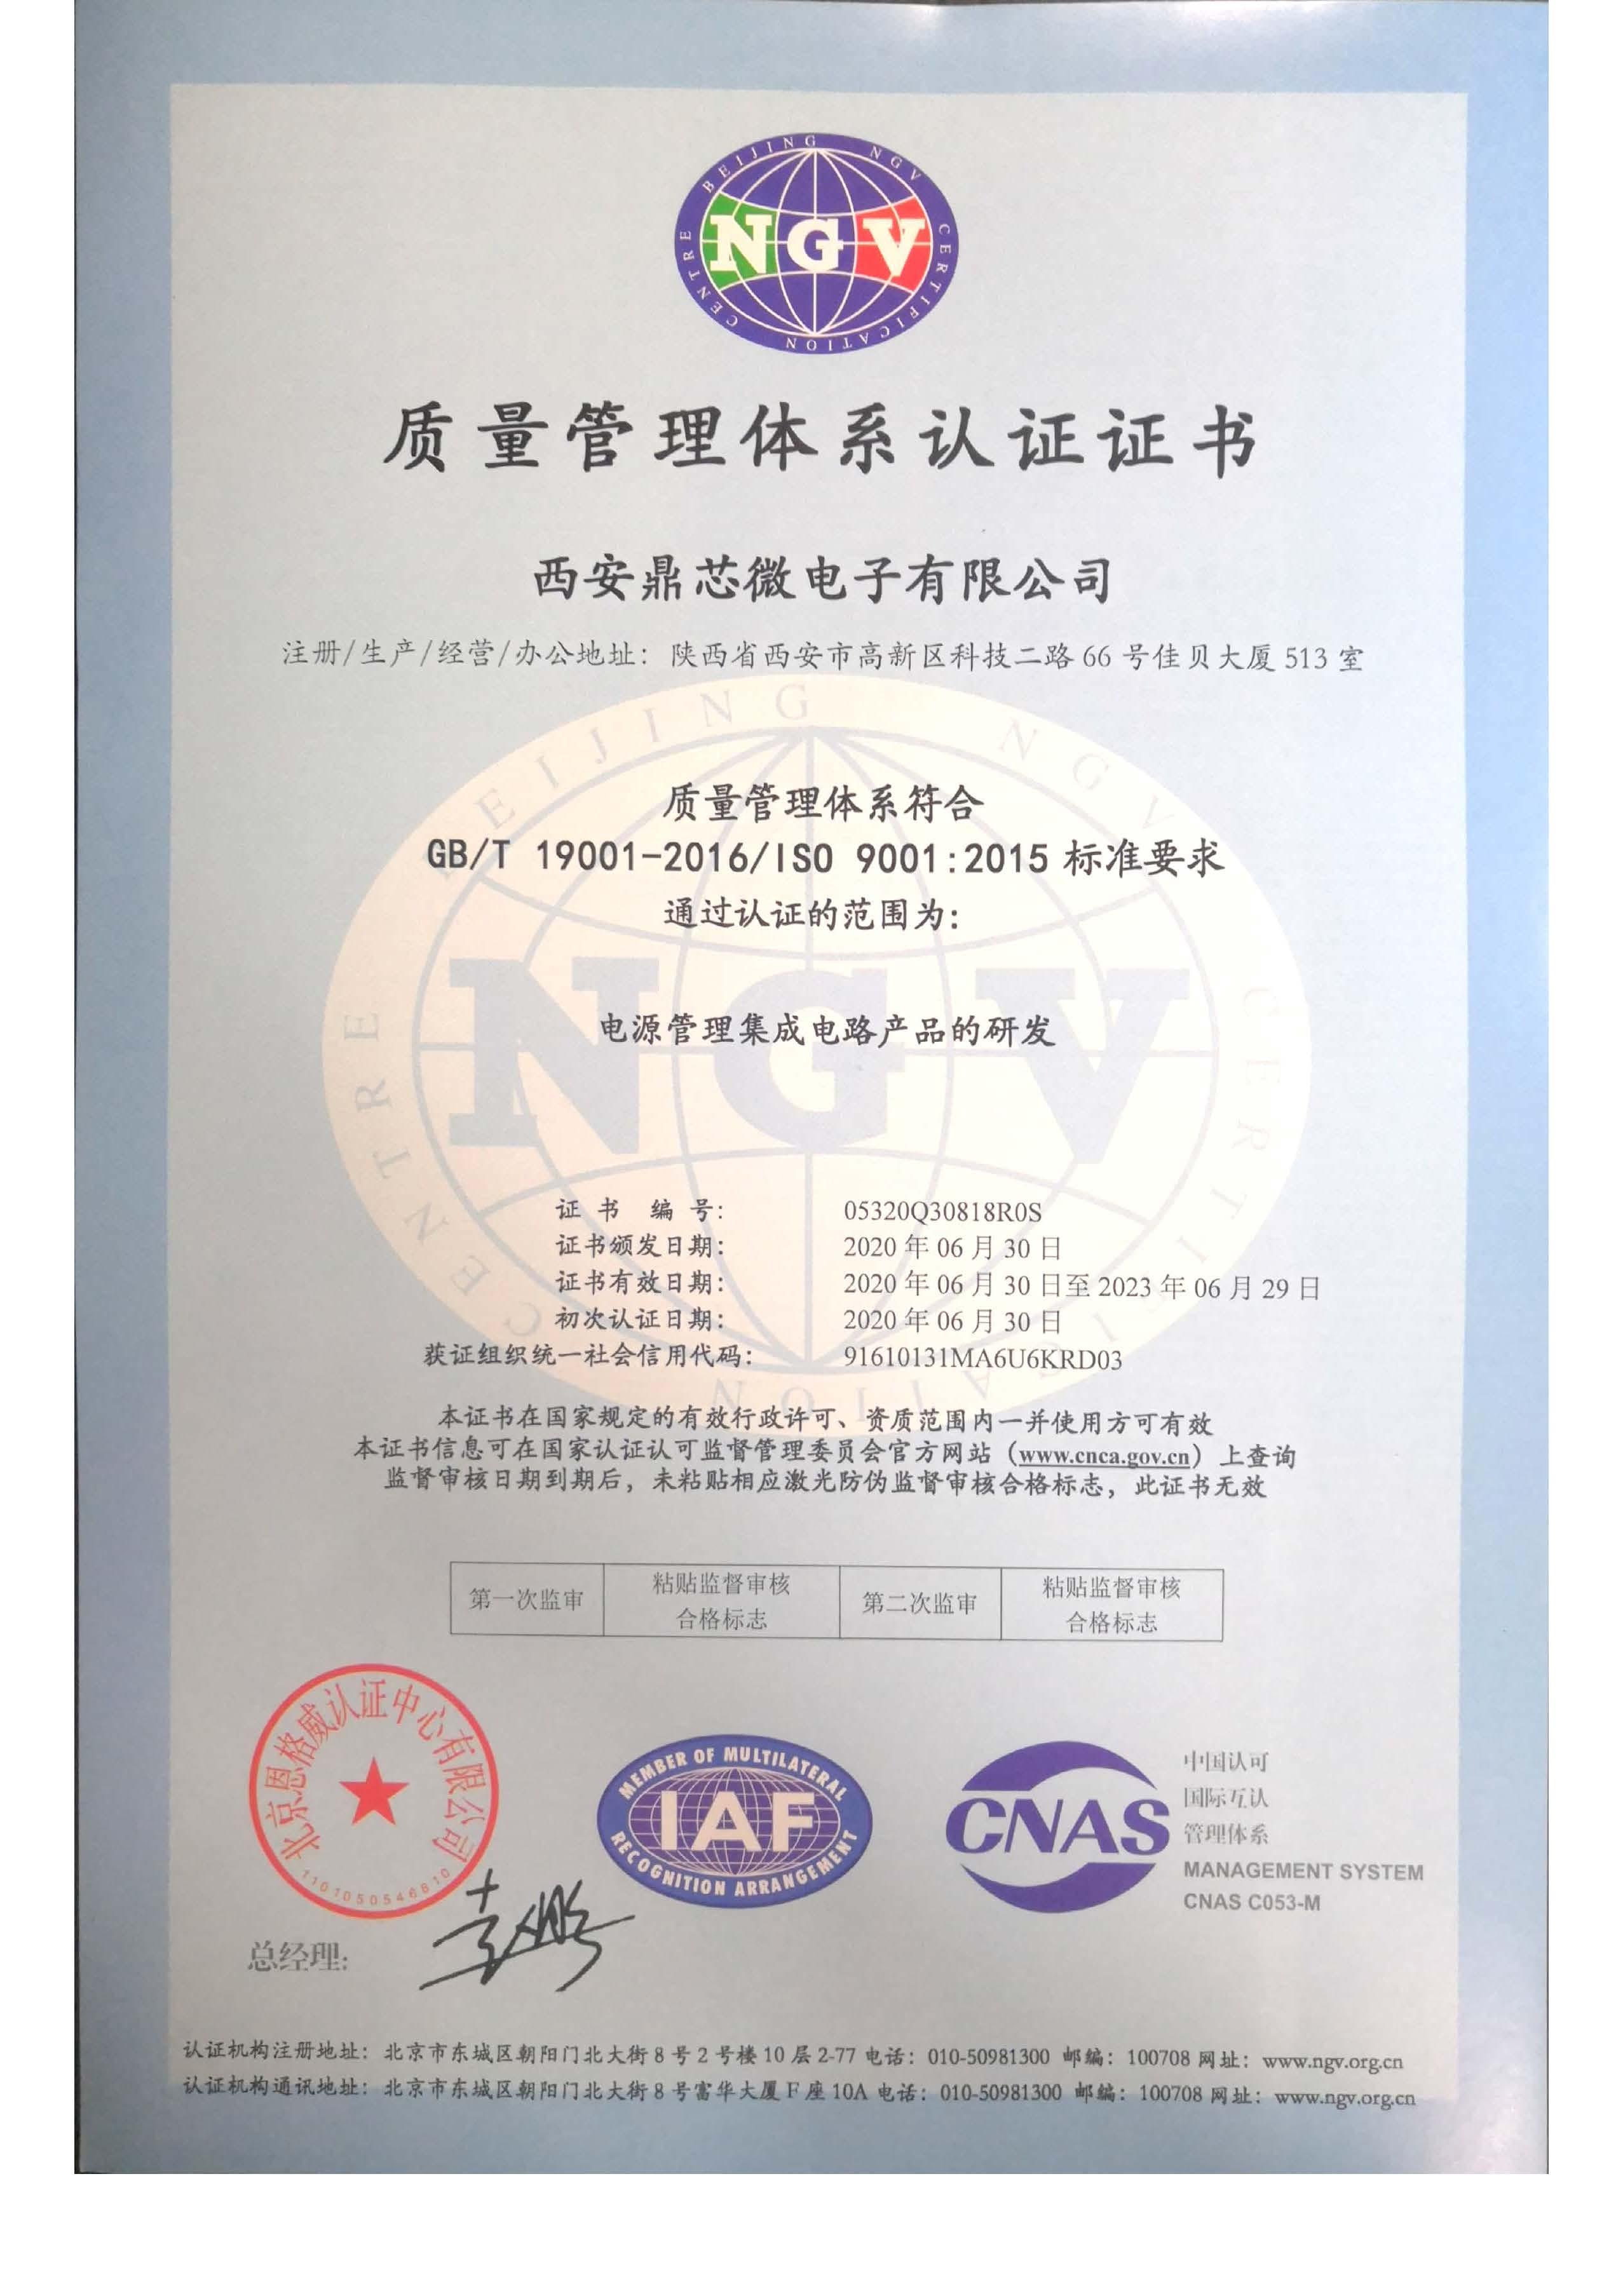 管理体系证书